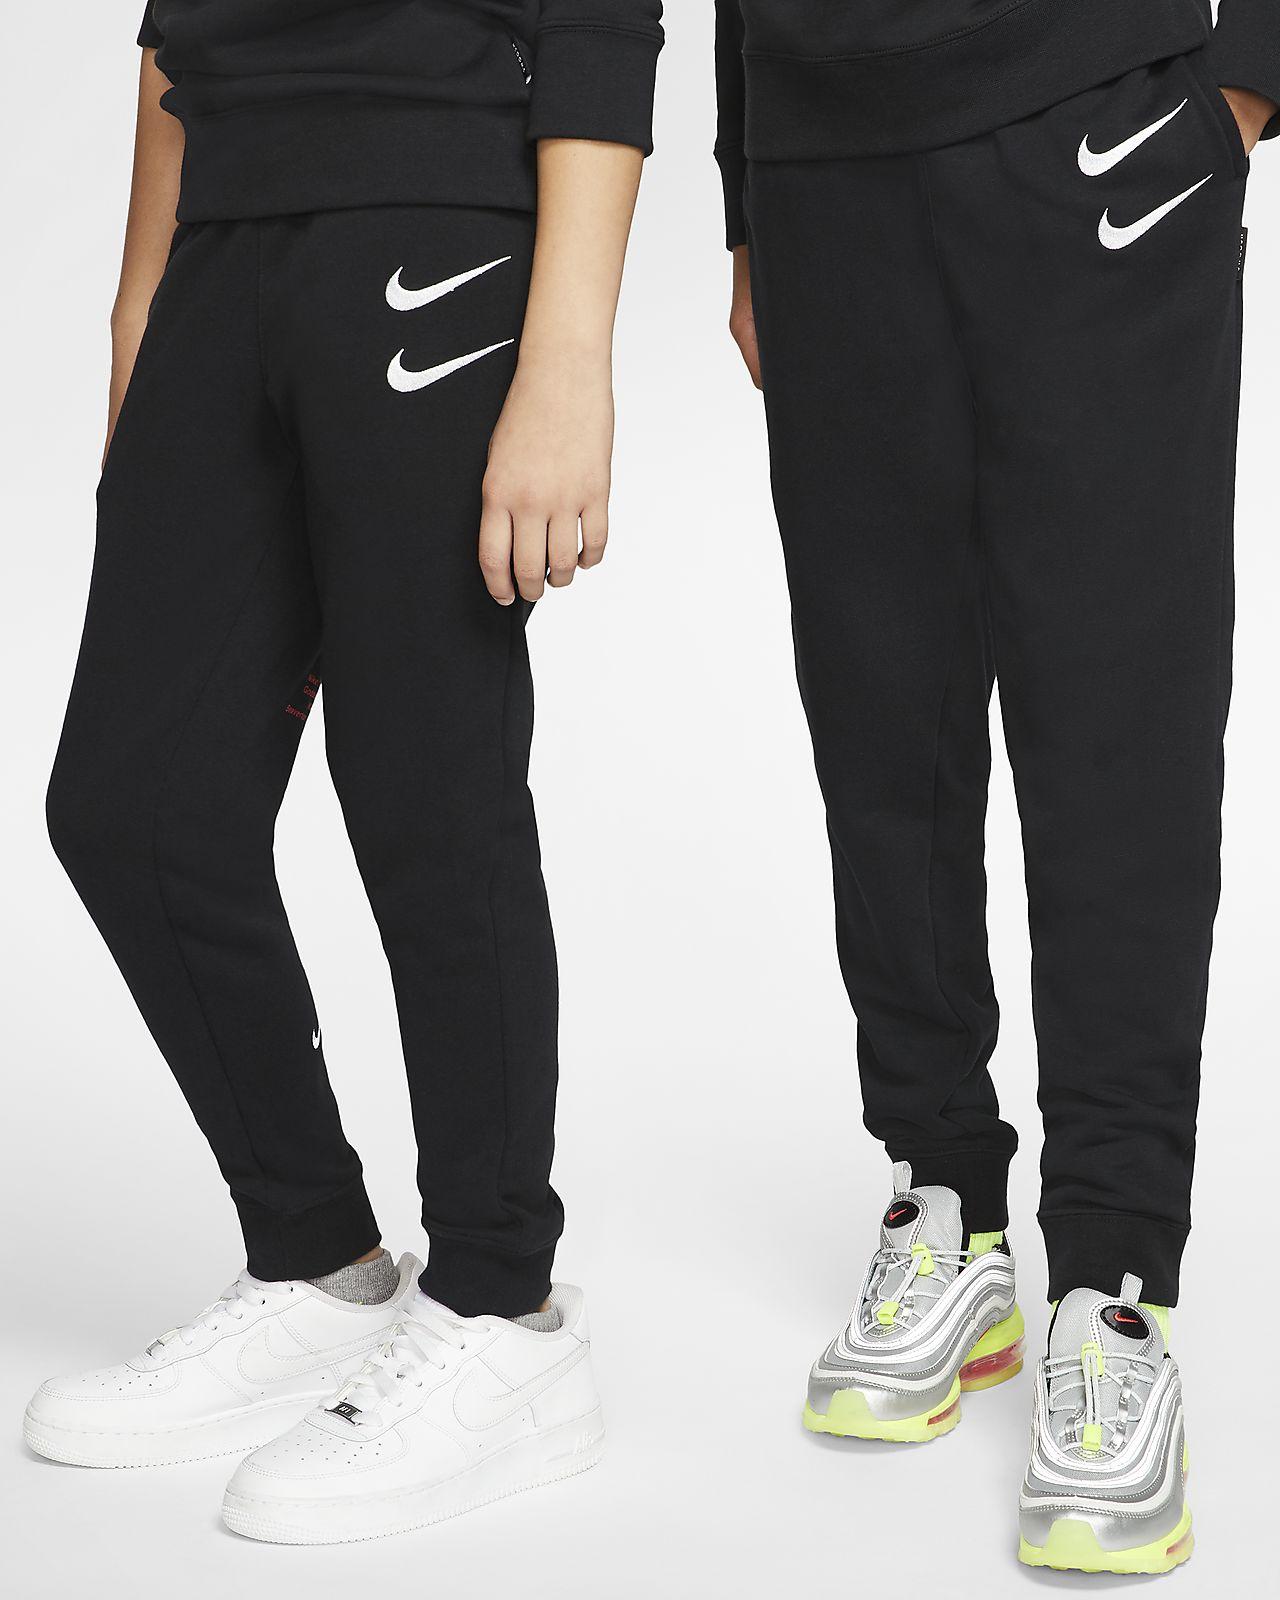 Nike Sportswear Swoosh Older Kids' Trousers